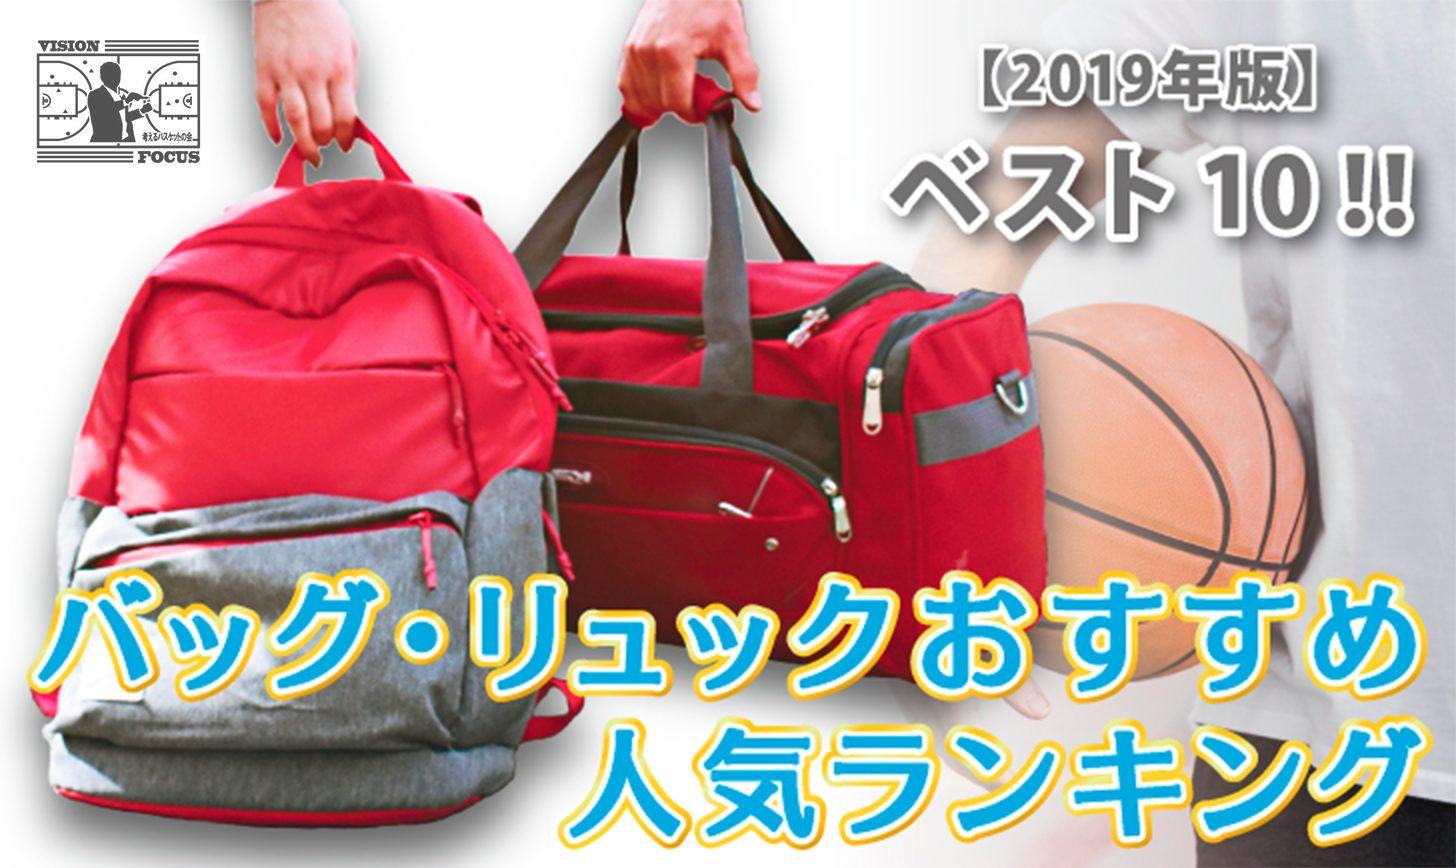 【2019年】バスケットのバッグ・リュックおすすめ人気ランキングベスト10